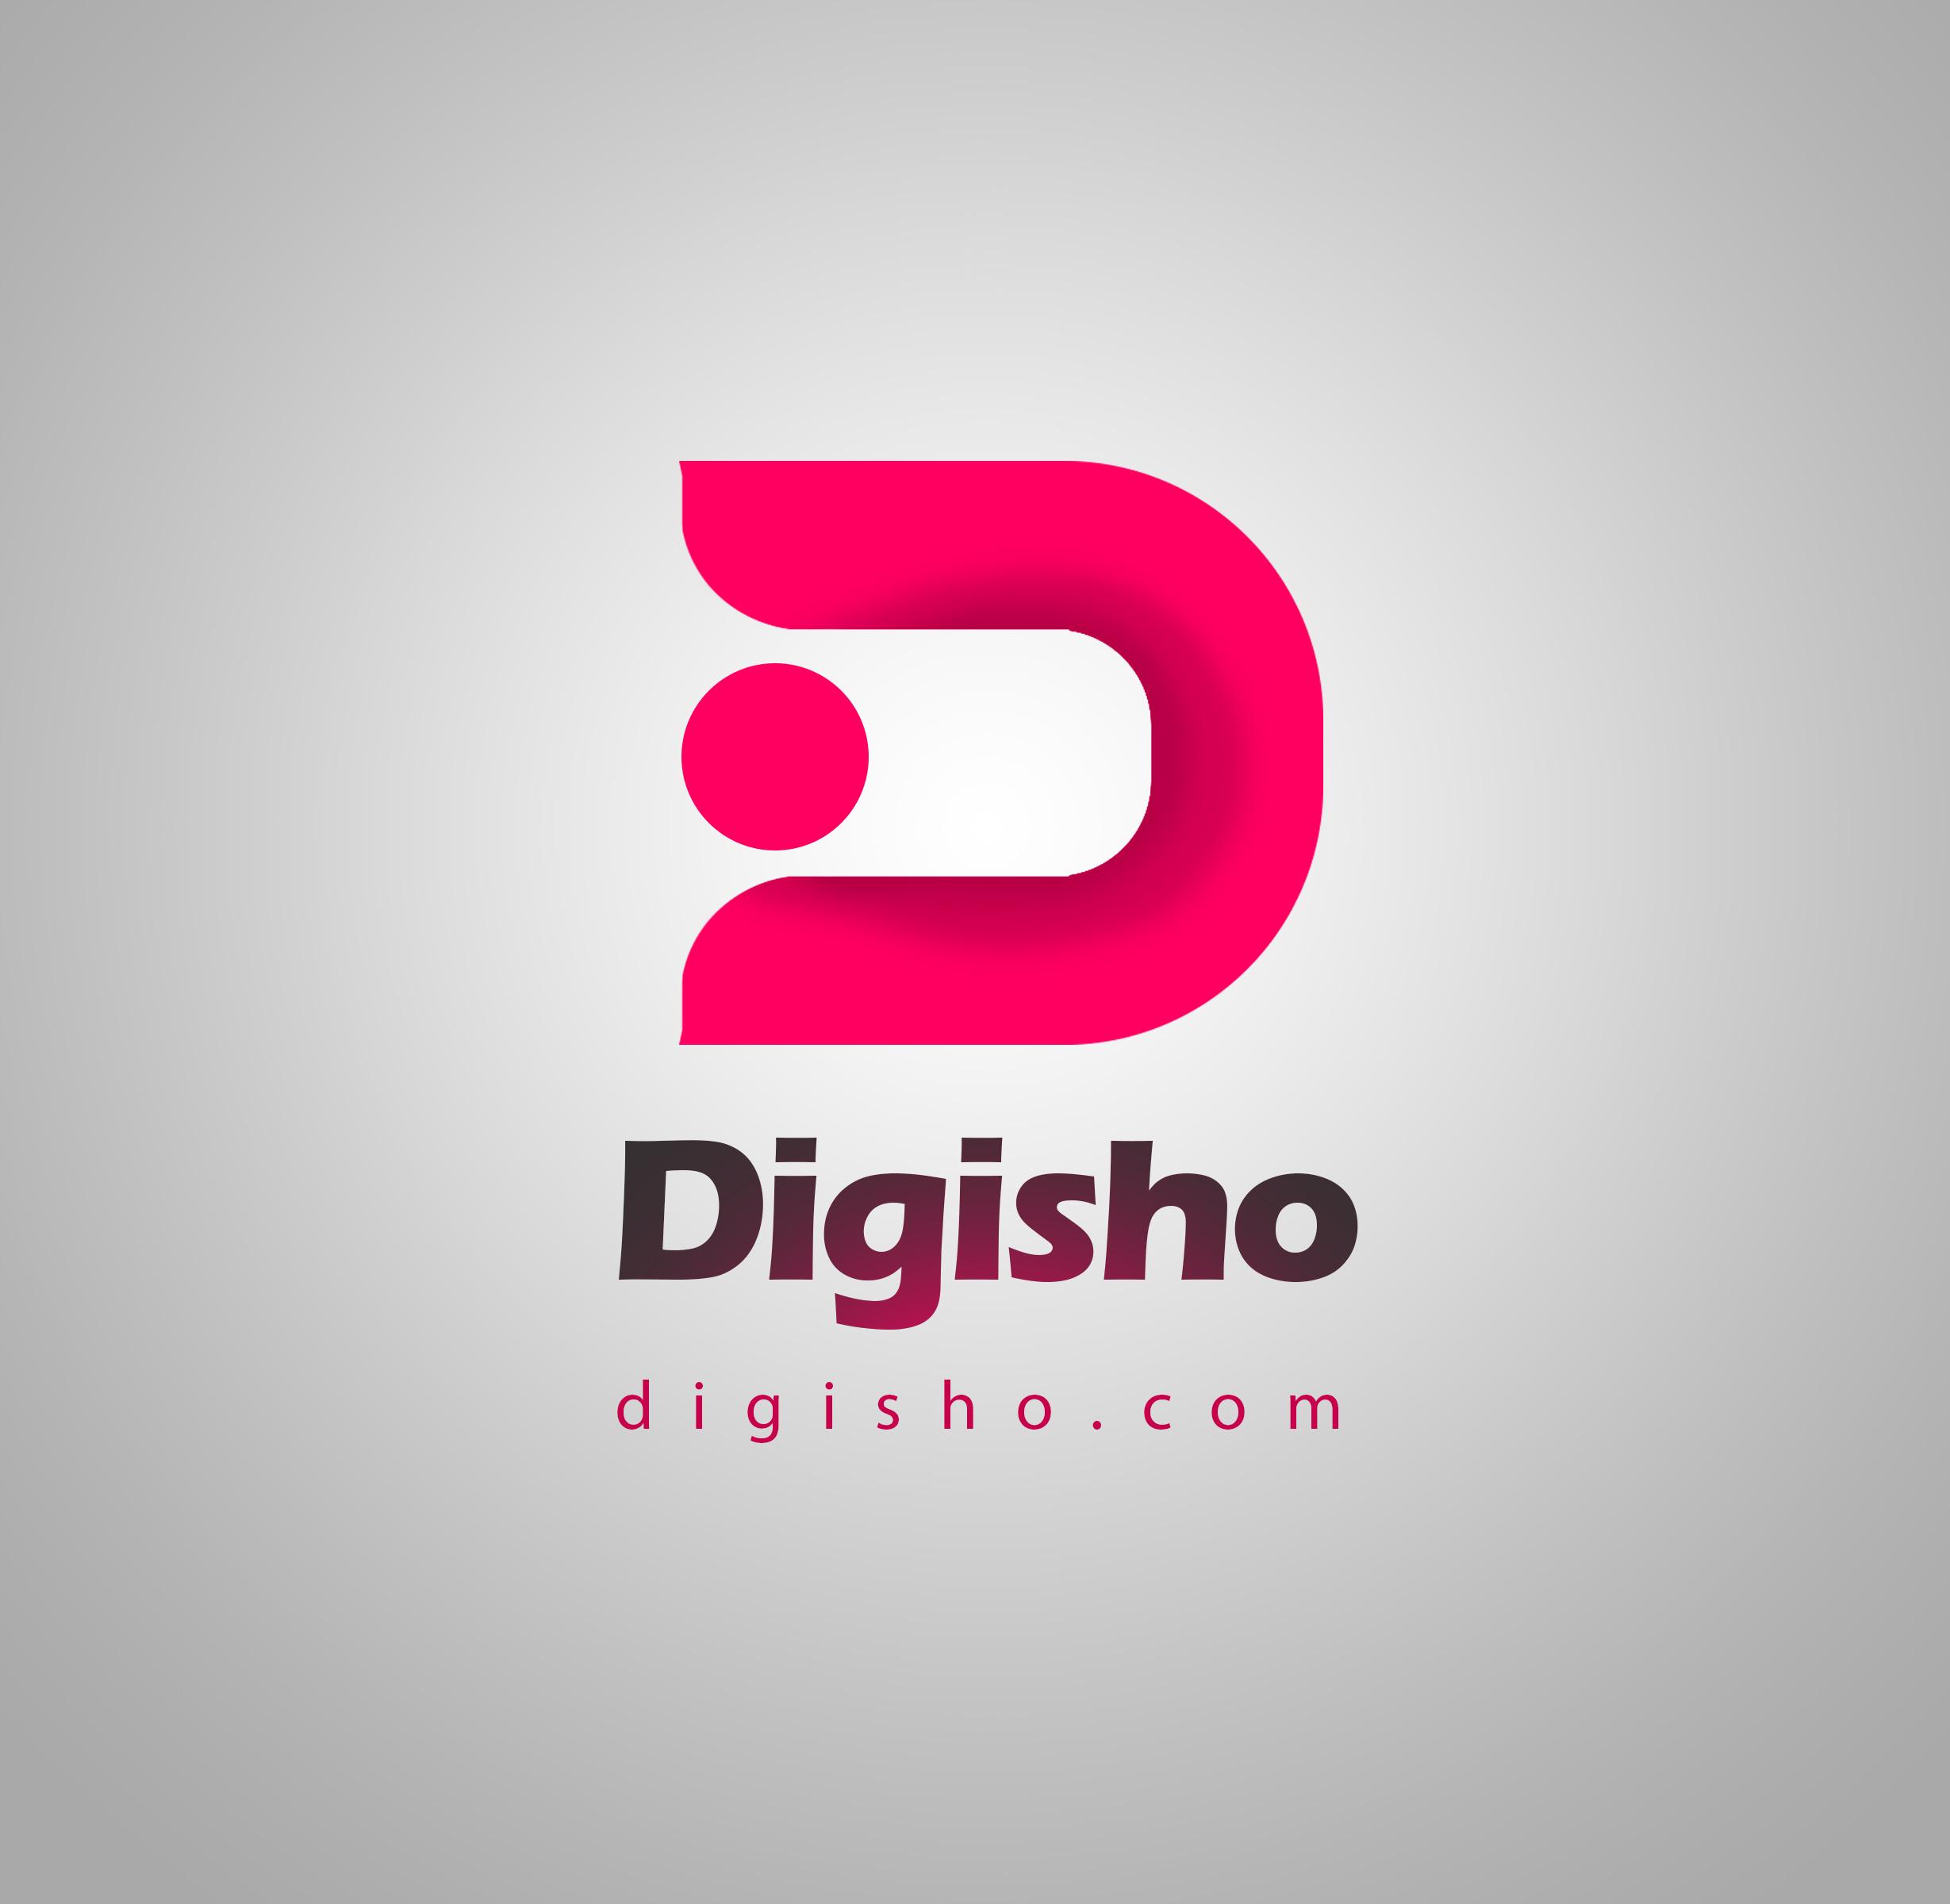 دیجیشو